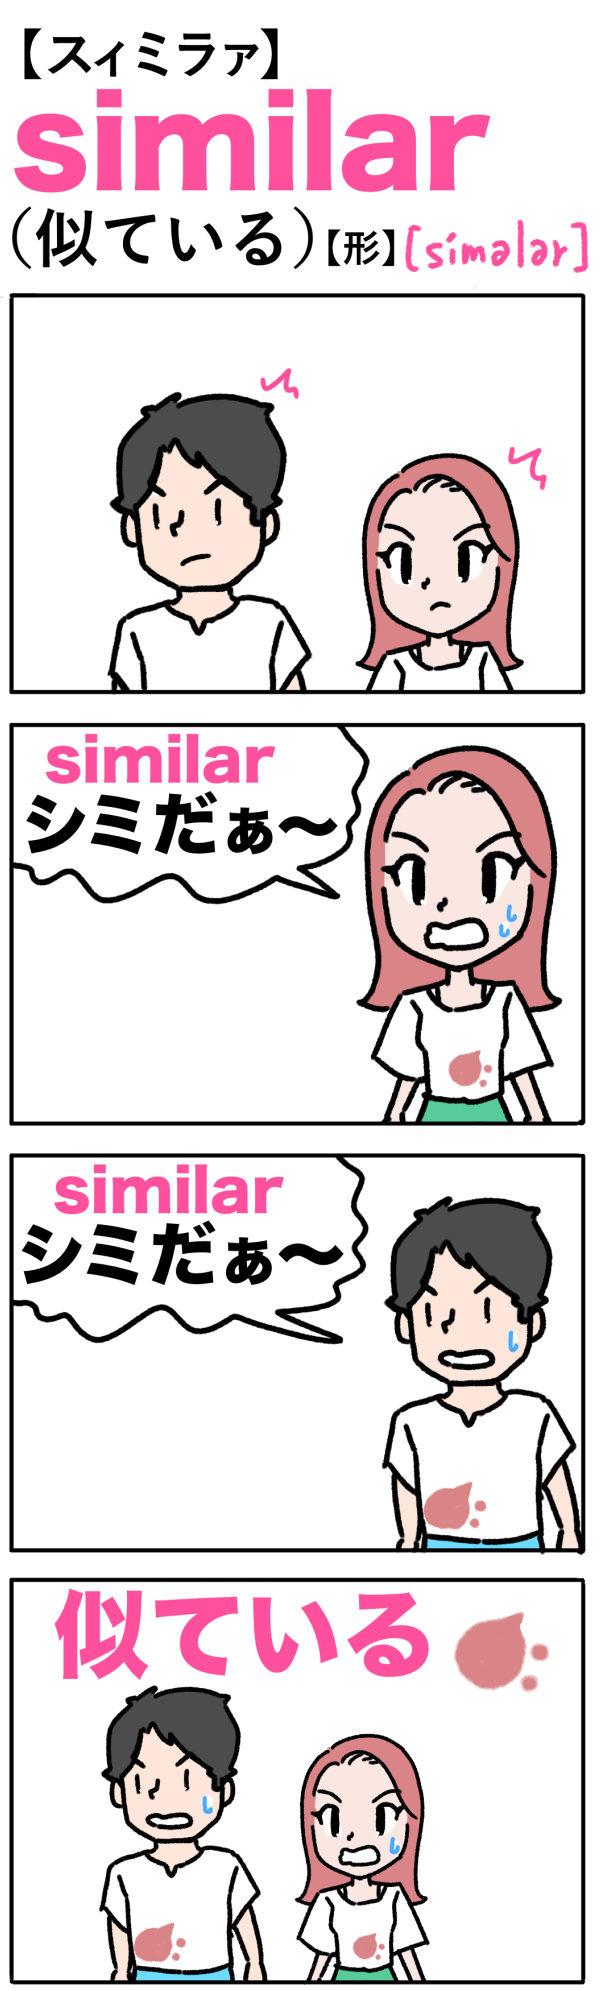 similar(似ている)の語呂合わせ英単語